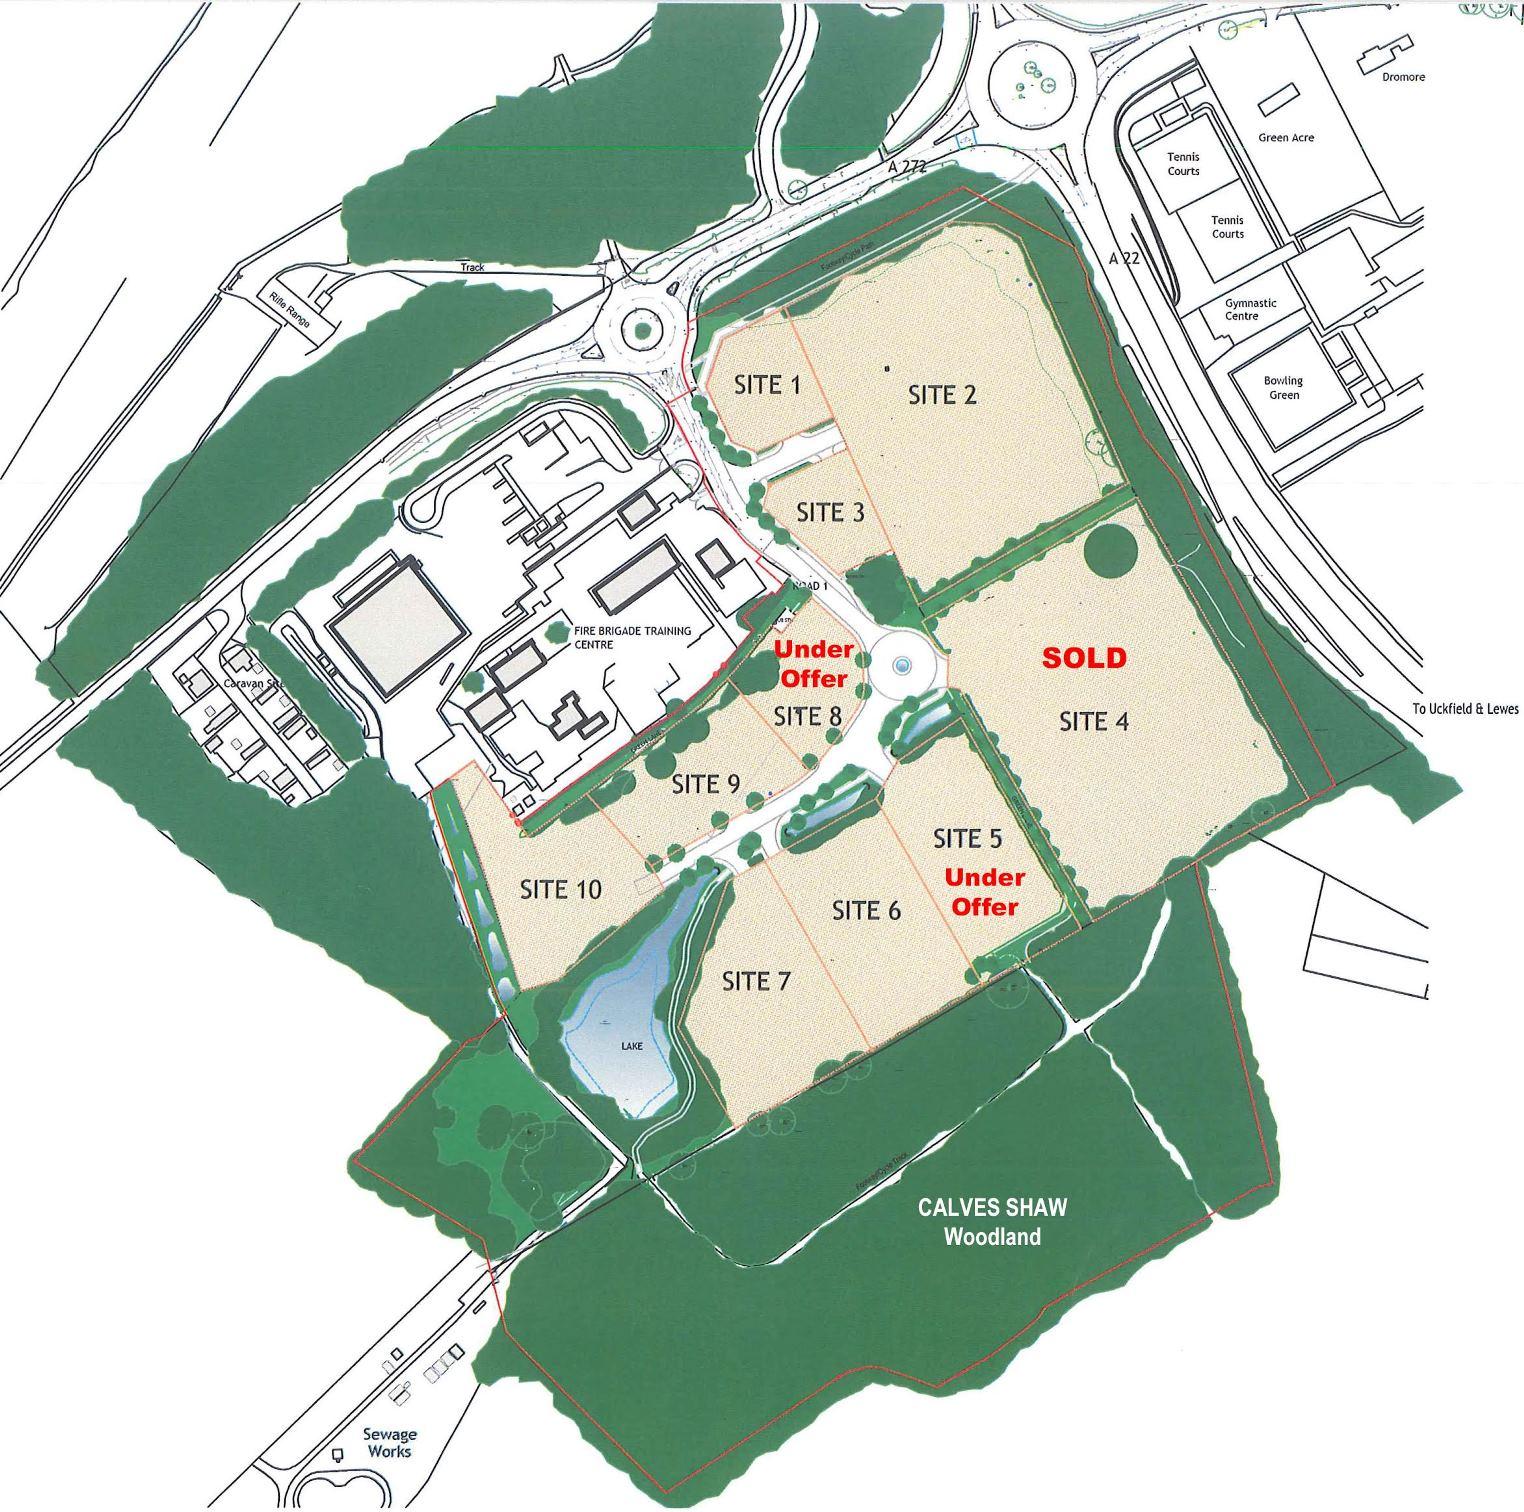 ashdown-business-park-map